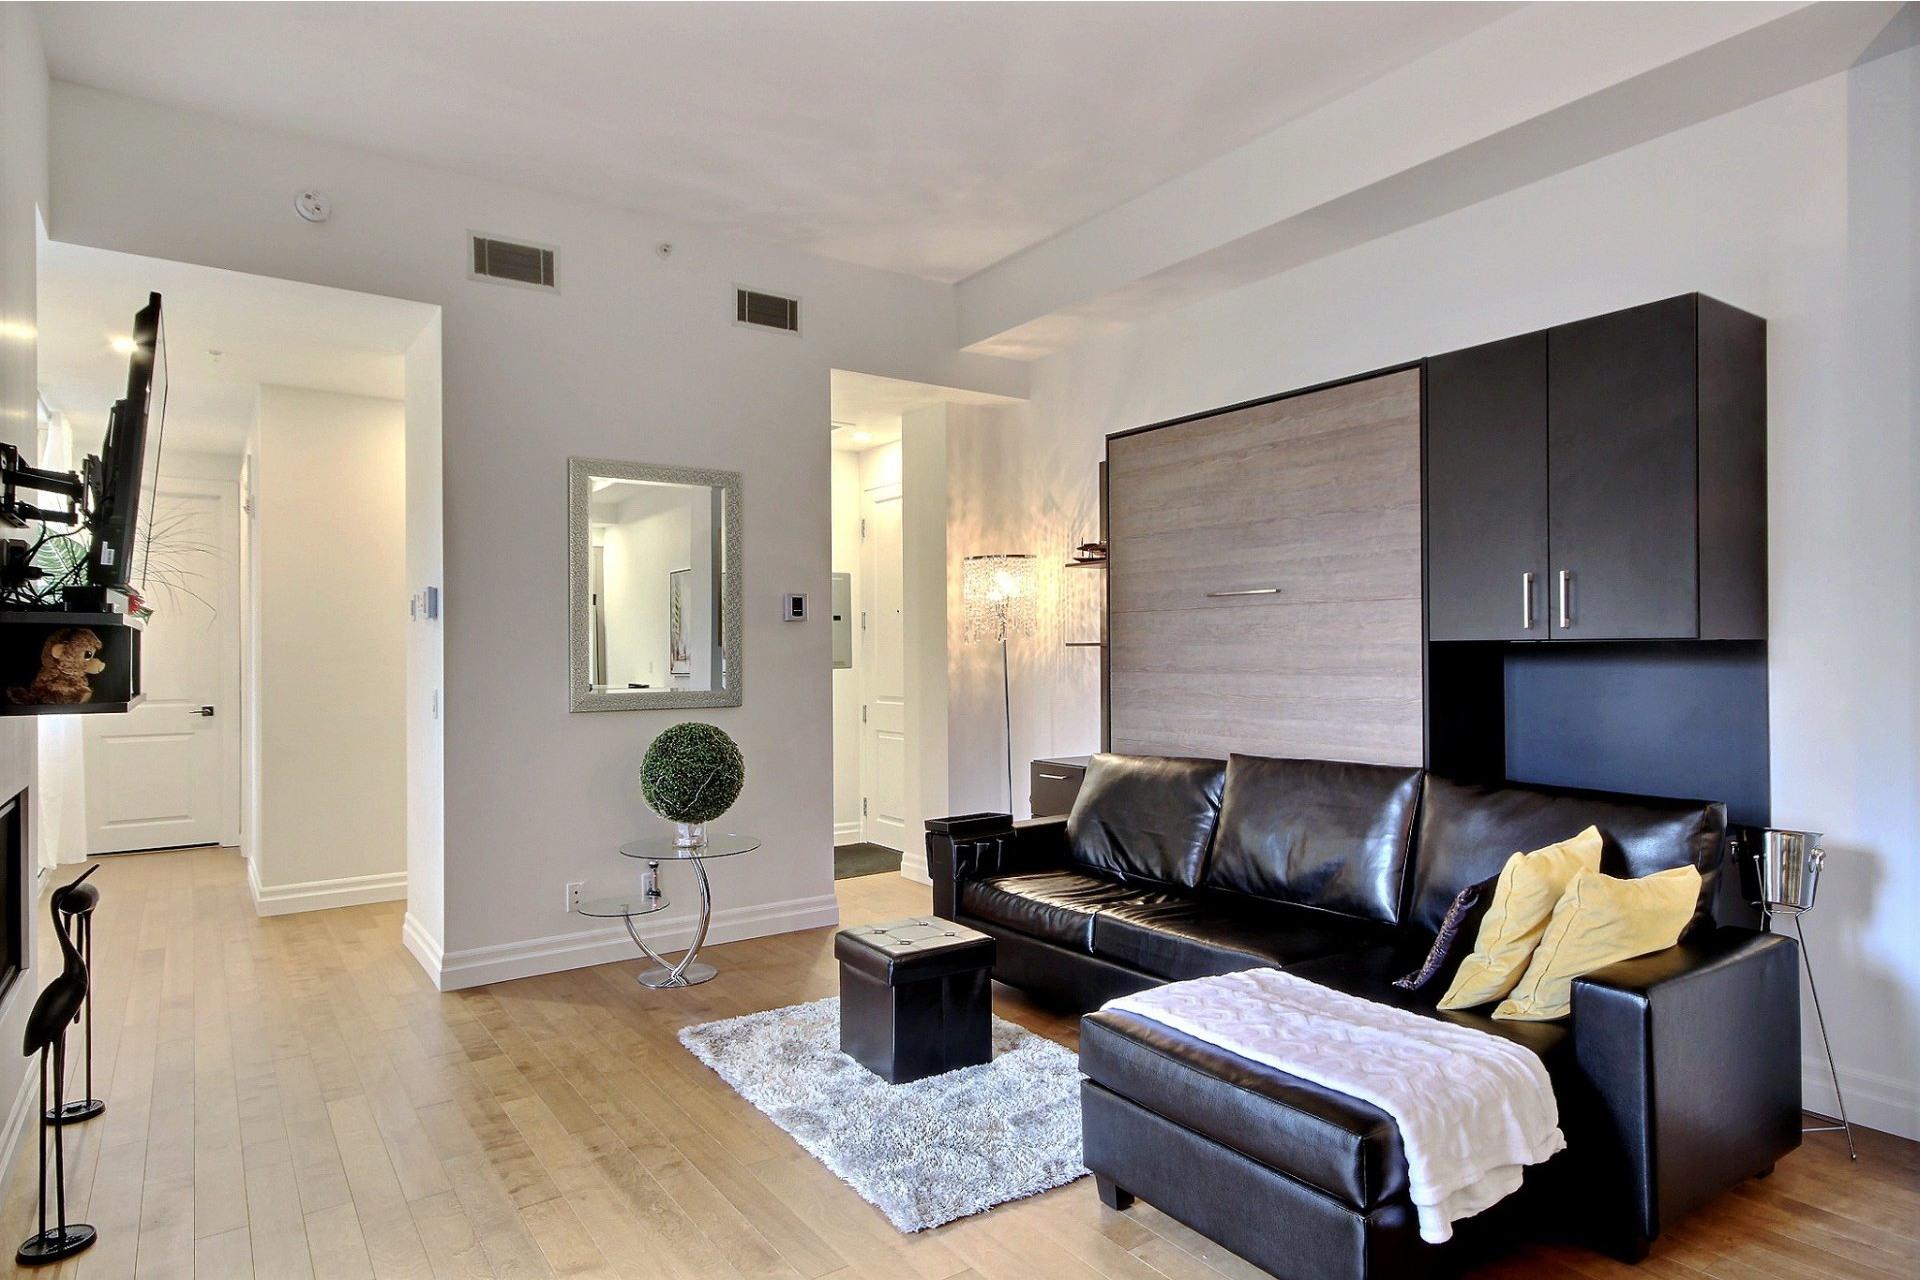 image 9 - Appartement À vendre Sainte-Foy/Sillery/Cap-Rouge Québec  - 7 pièces